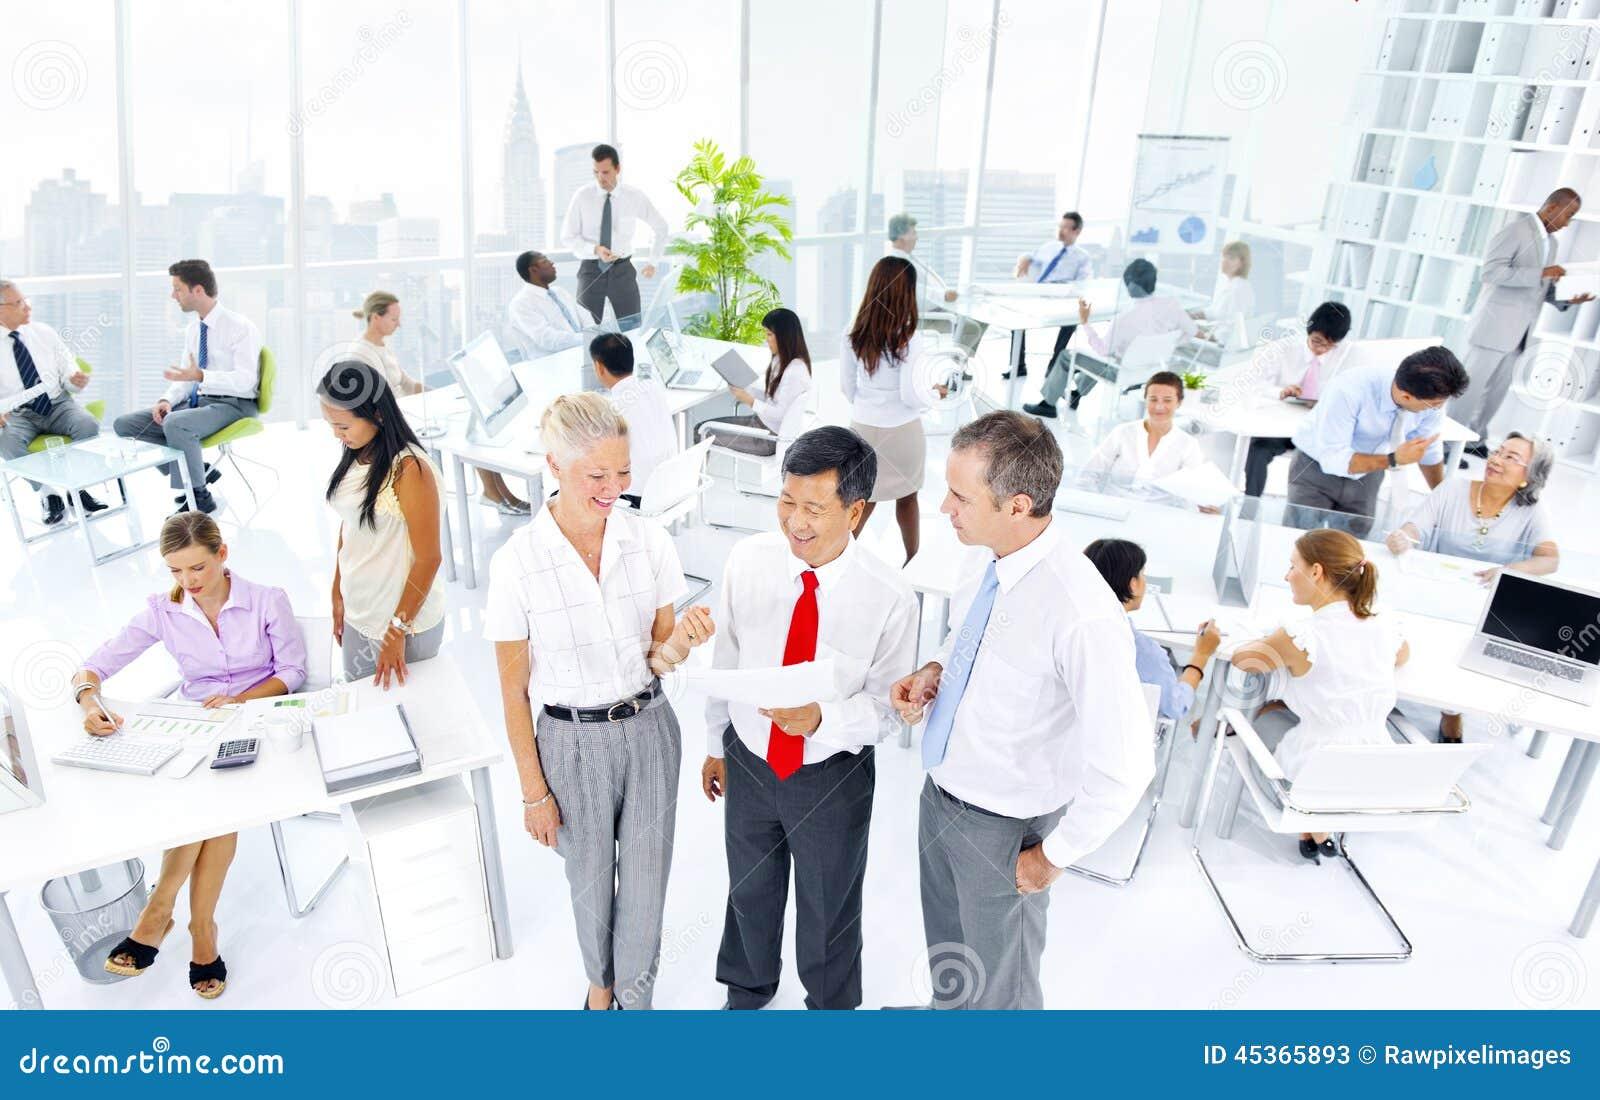 Groupe multi-ethnique de gens d affaires